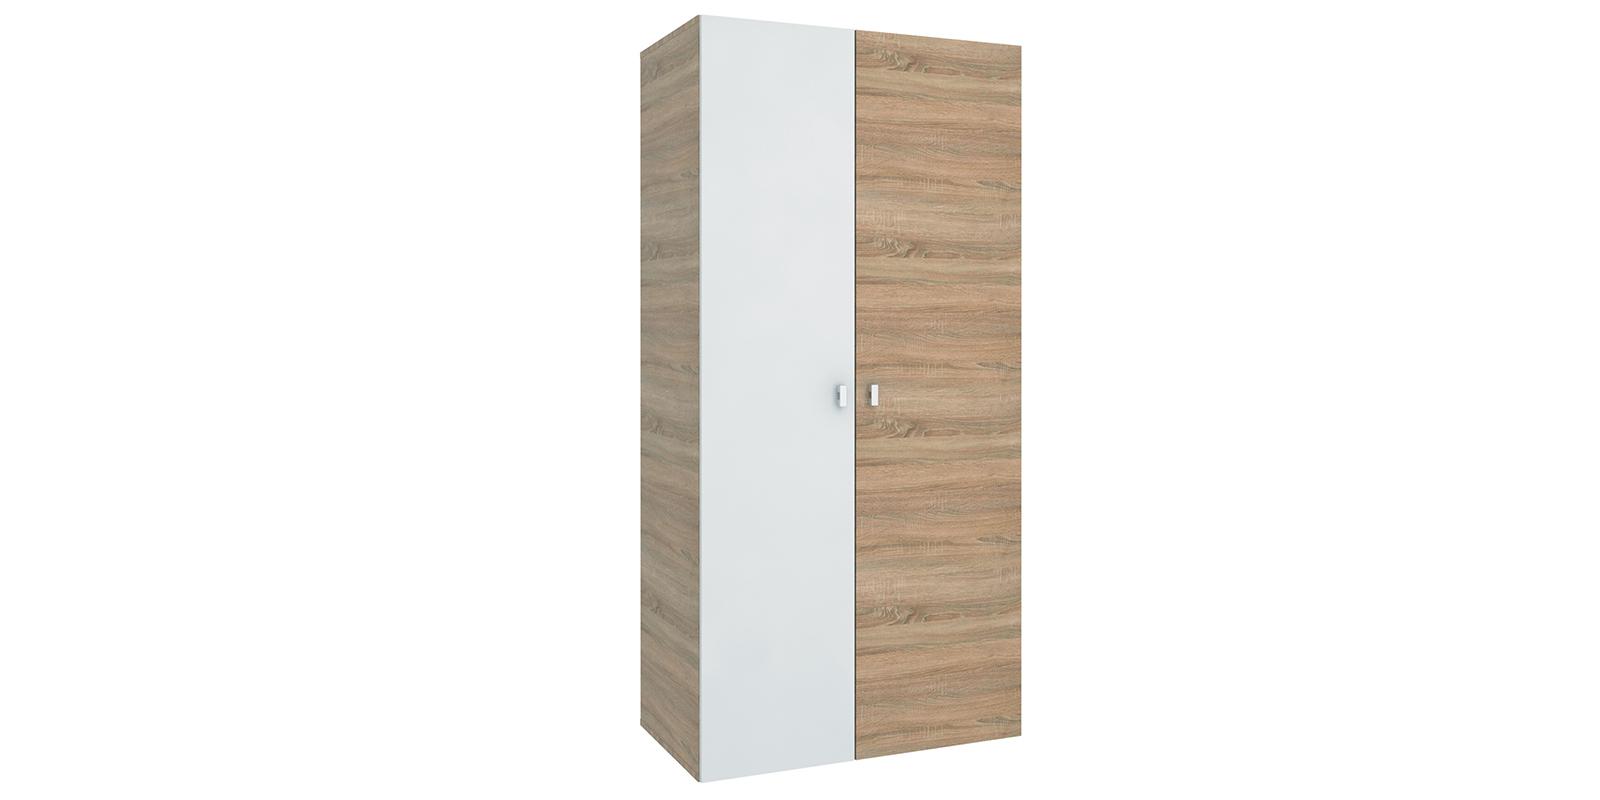 Шкаф распашной двухдверный Лакки вариант №1 (дуб сонома/белый)